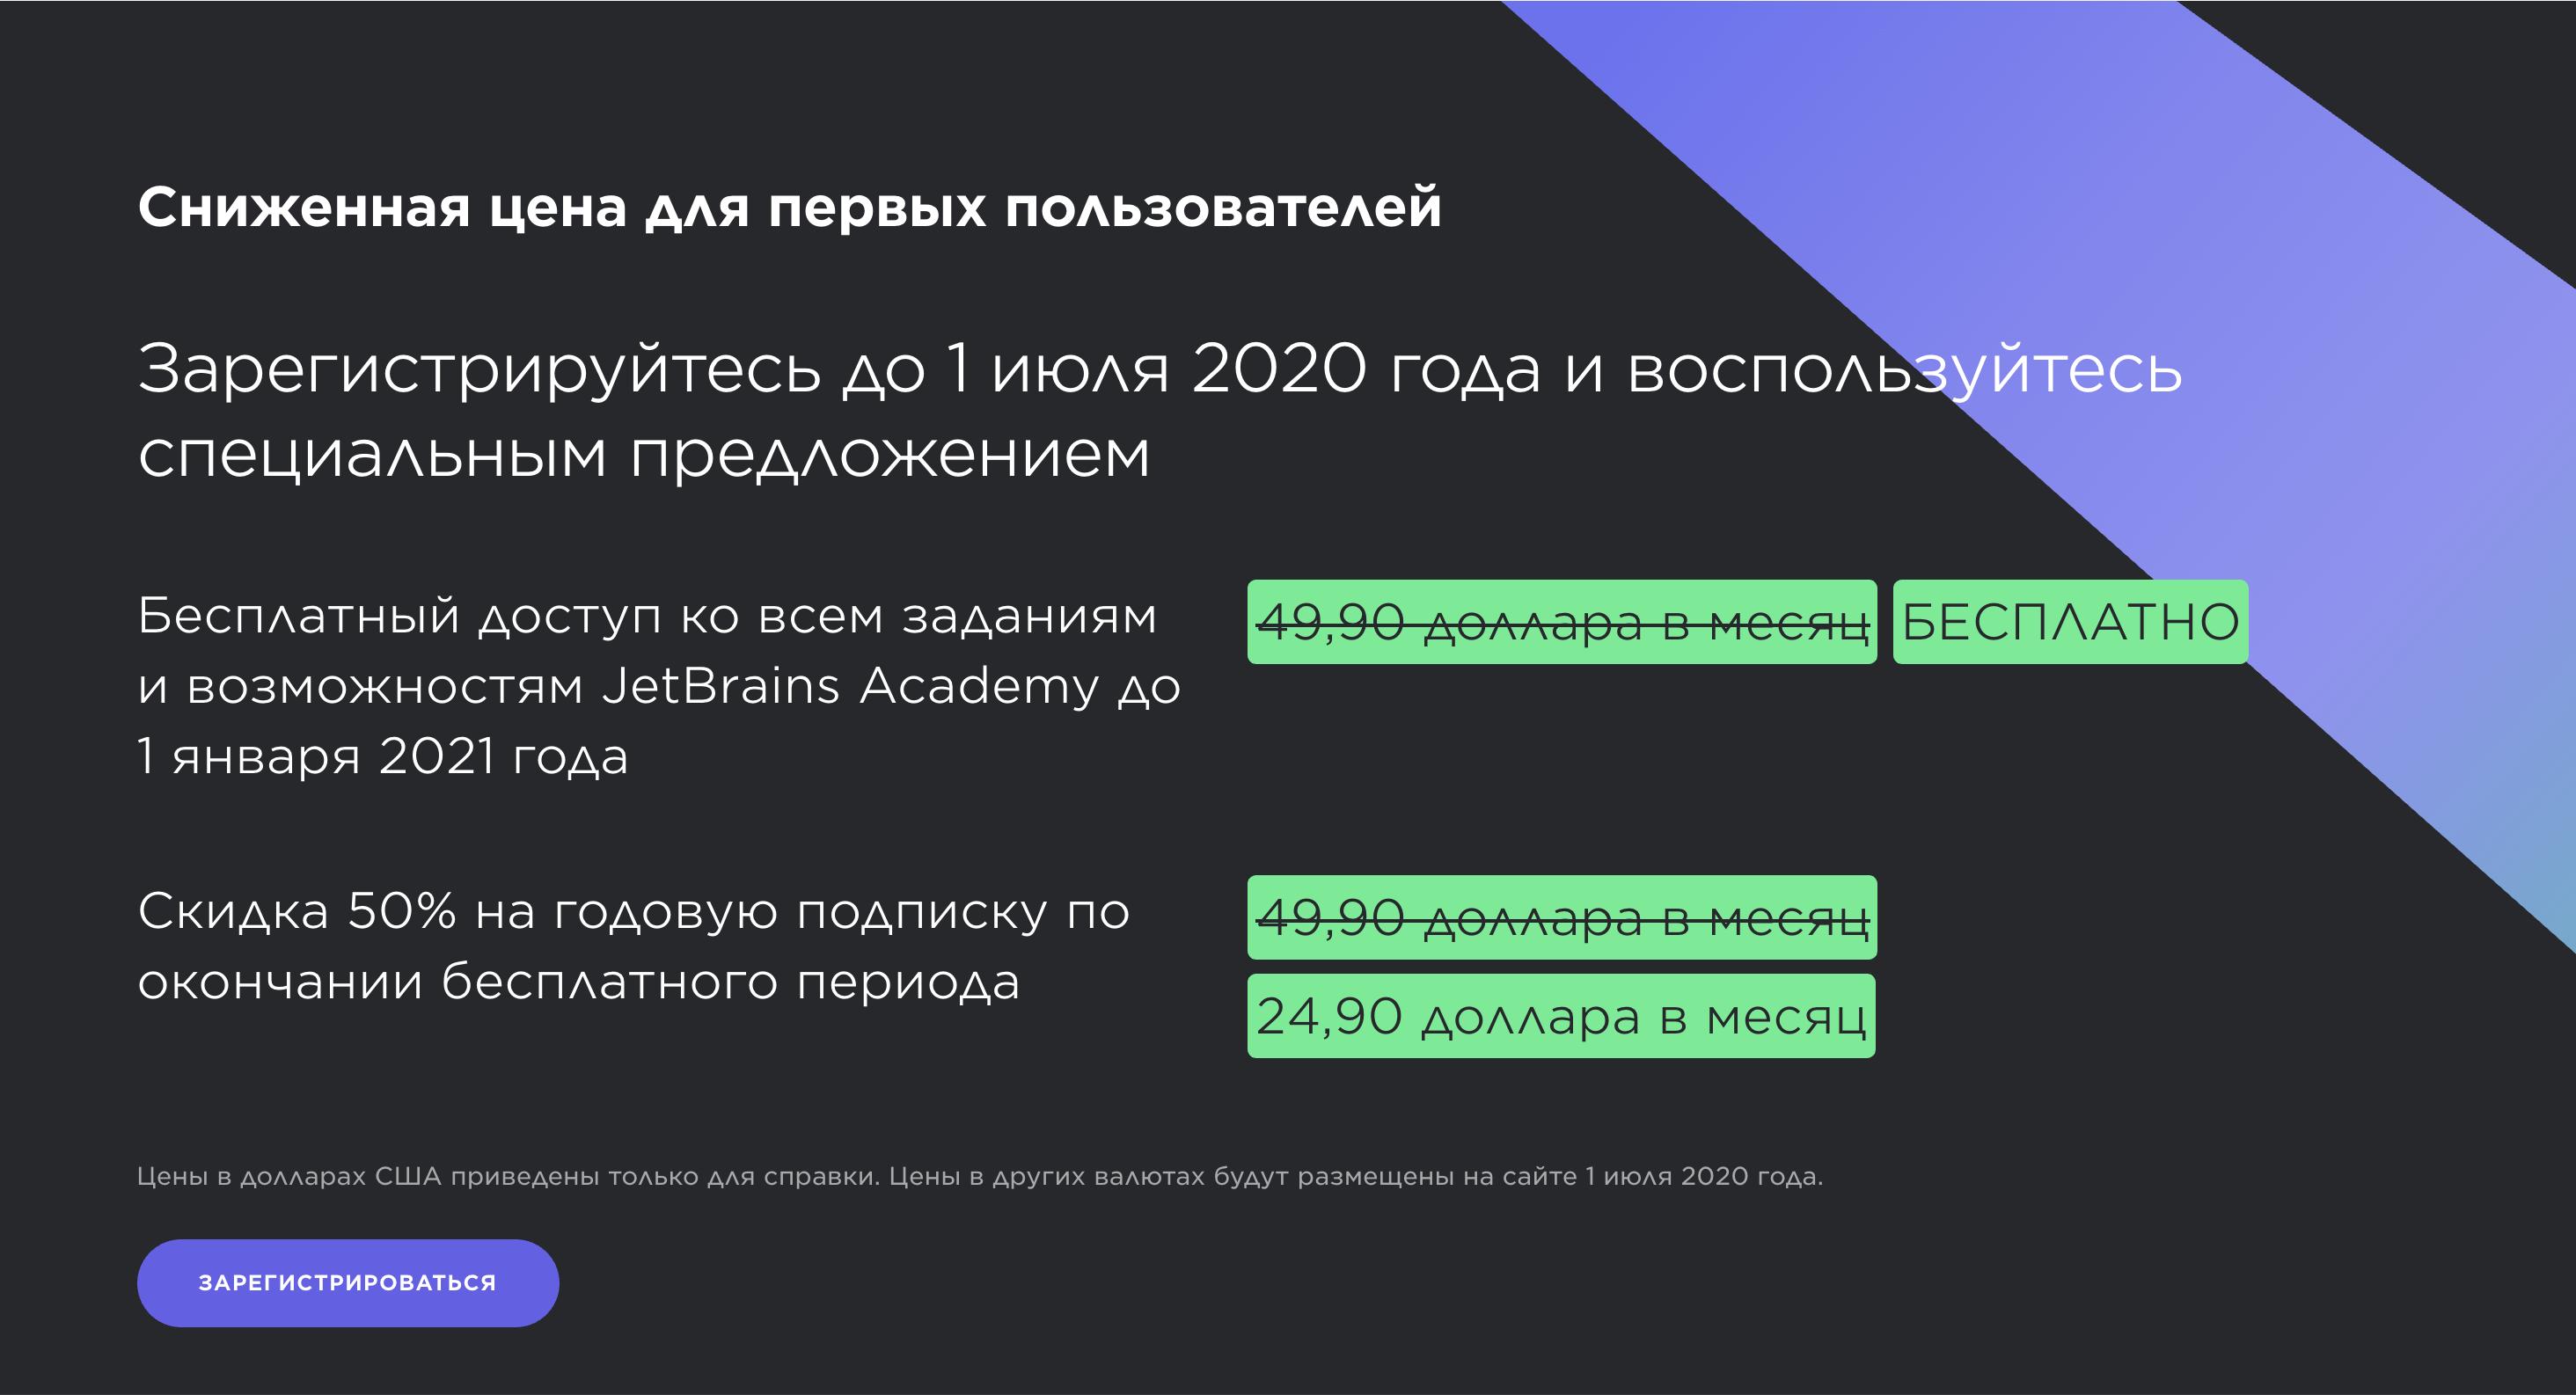 Подписка на JetBrains Academy готовимся к запуску и отвечаем на вопросы